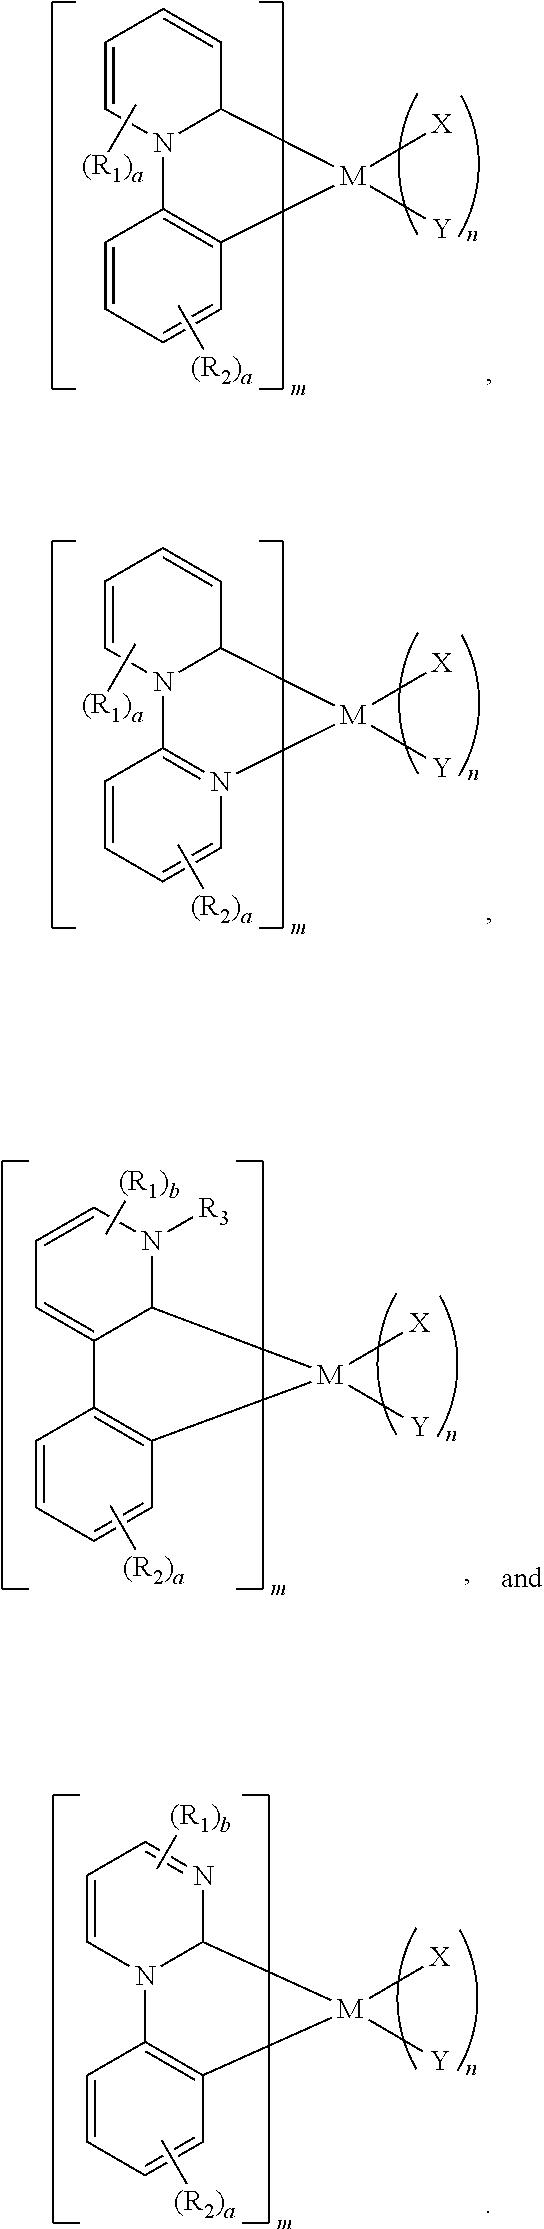 Figure US08114533-20120214-C00002